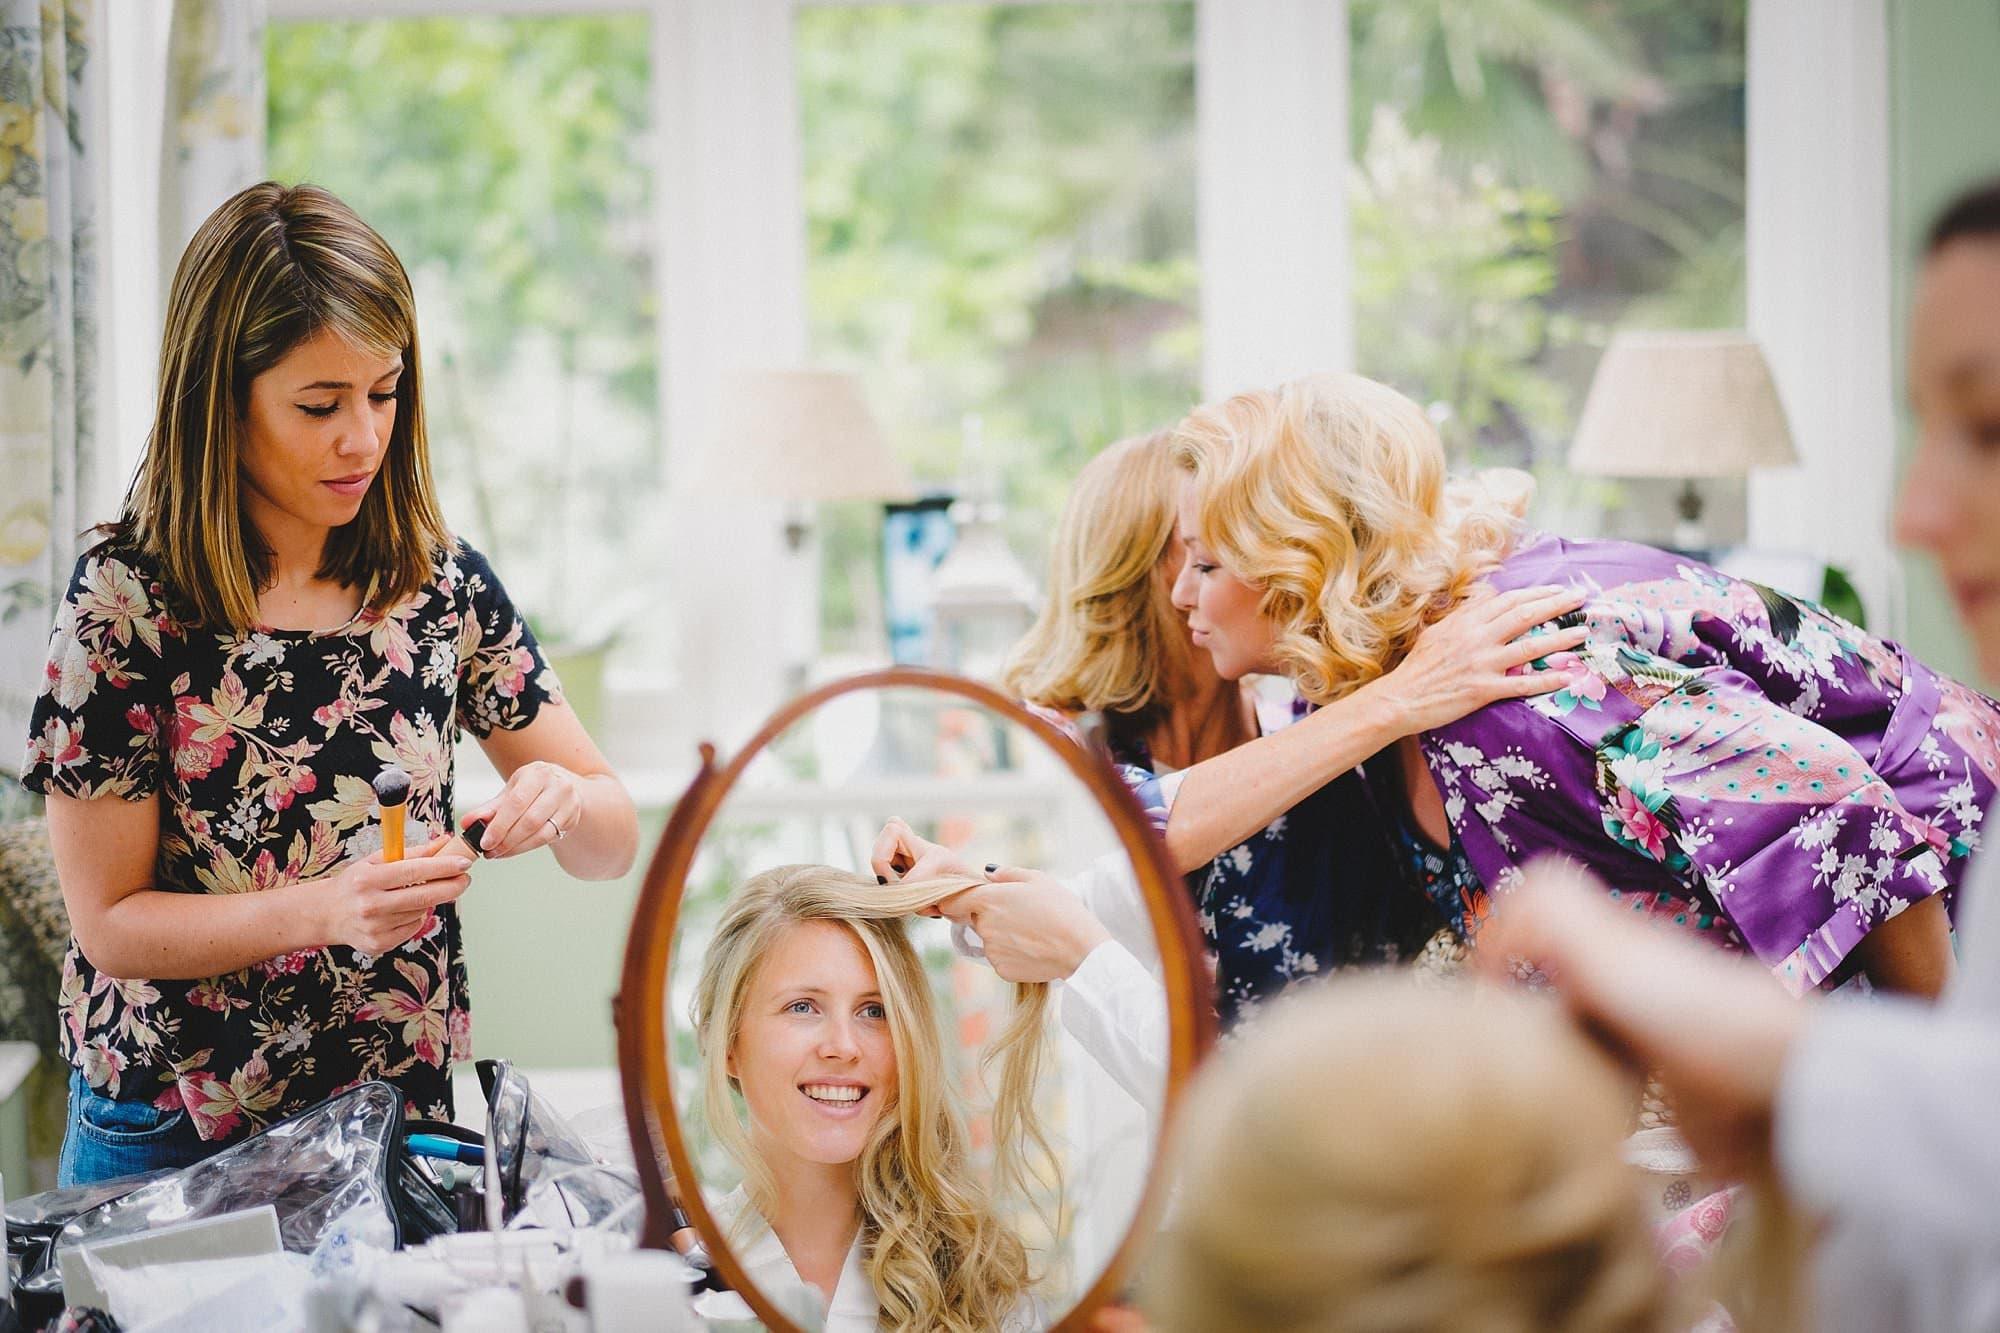 fulham palace wedding photographer 001 - Rosanna & Duncan's Fulham Palace Wedding